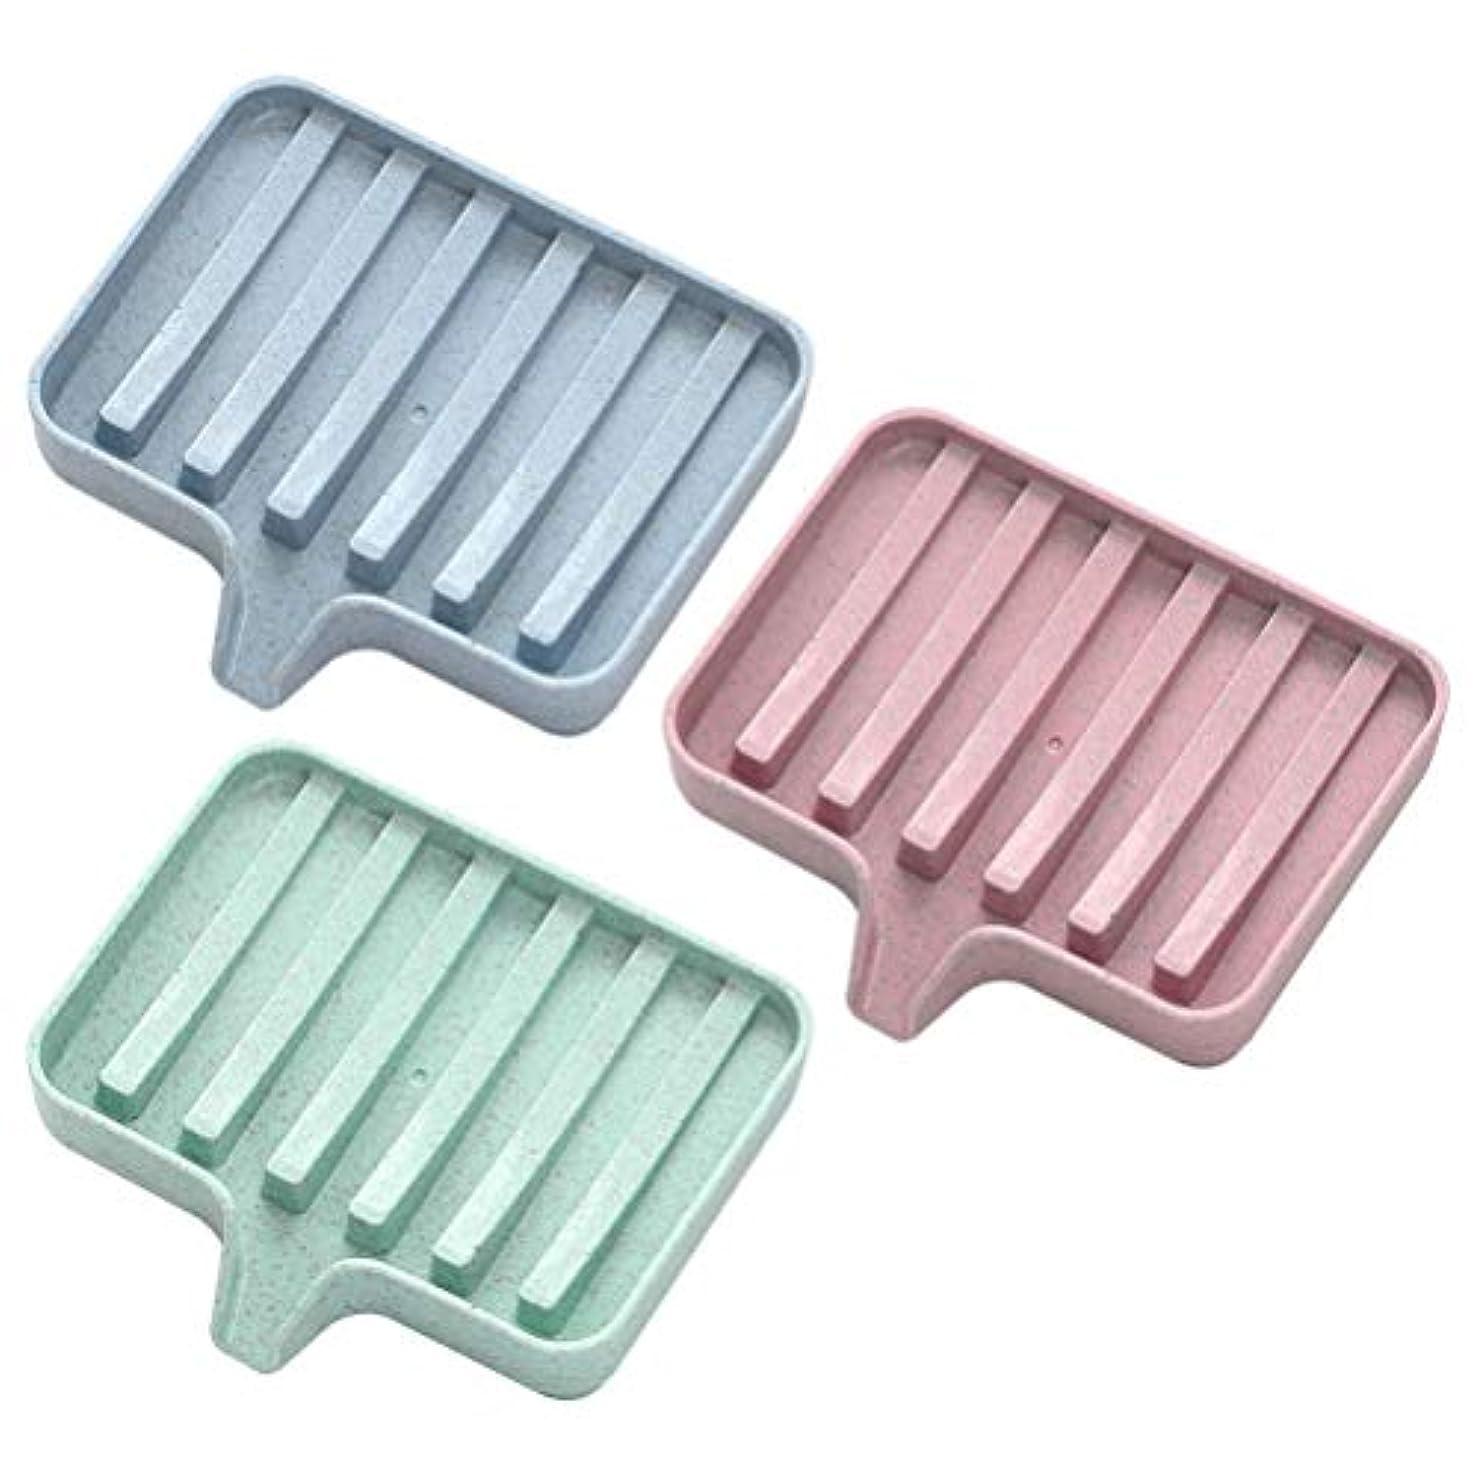 リダクターペンススリムROSENICE ソリッドカラーソープディッシュソープボックスホルダードレイン3pcs(ピンク+グリーン+ブルー)